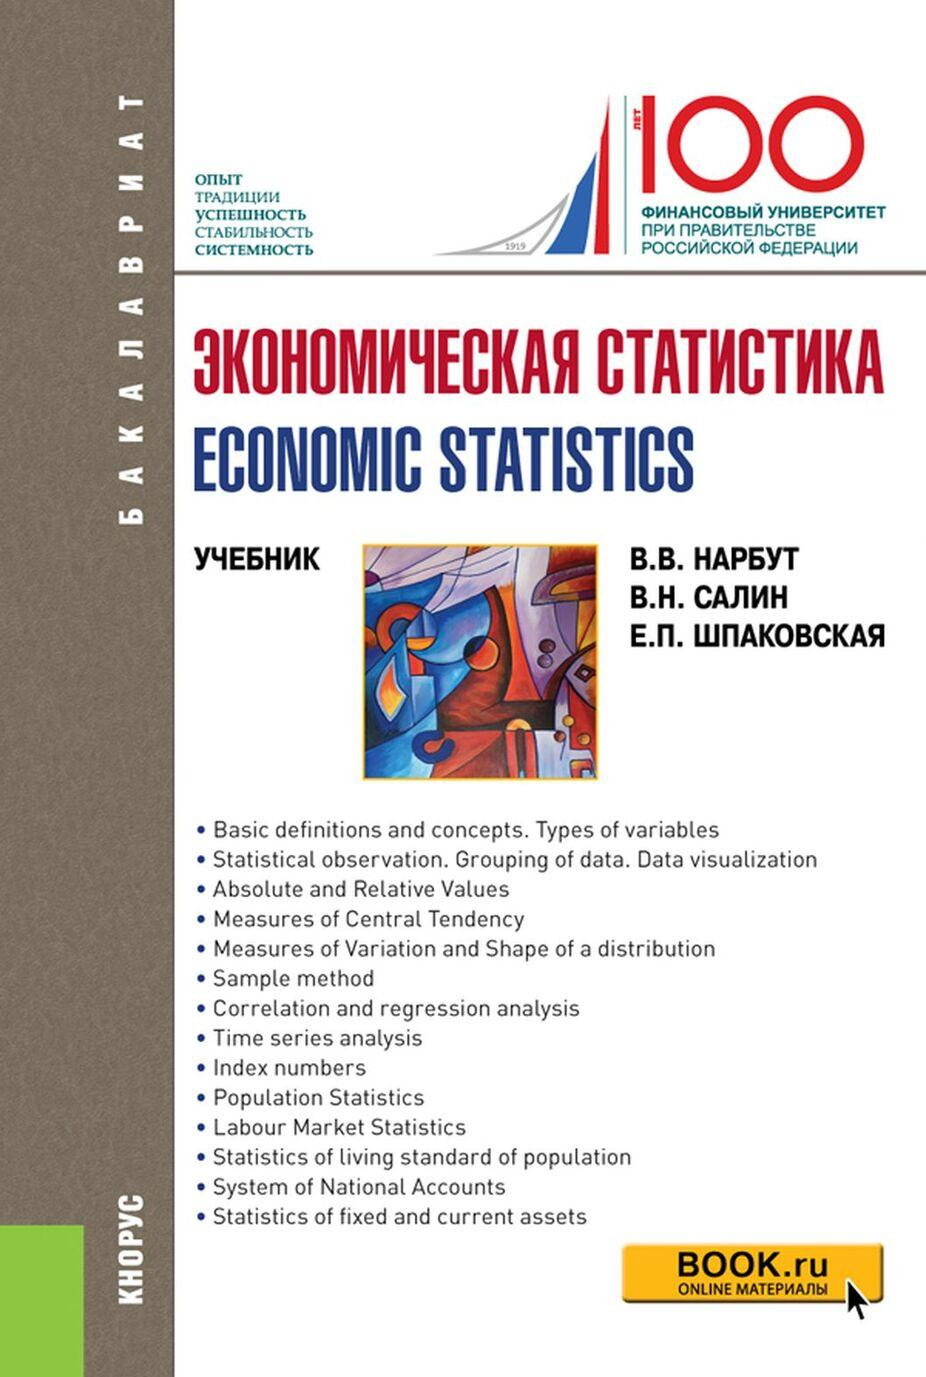 Ekonomicheskaja statistika. Uchebnik / Economic statistics. Textbook